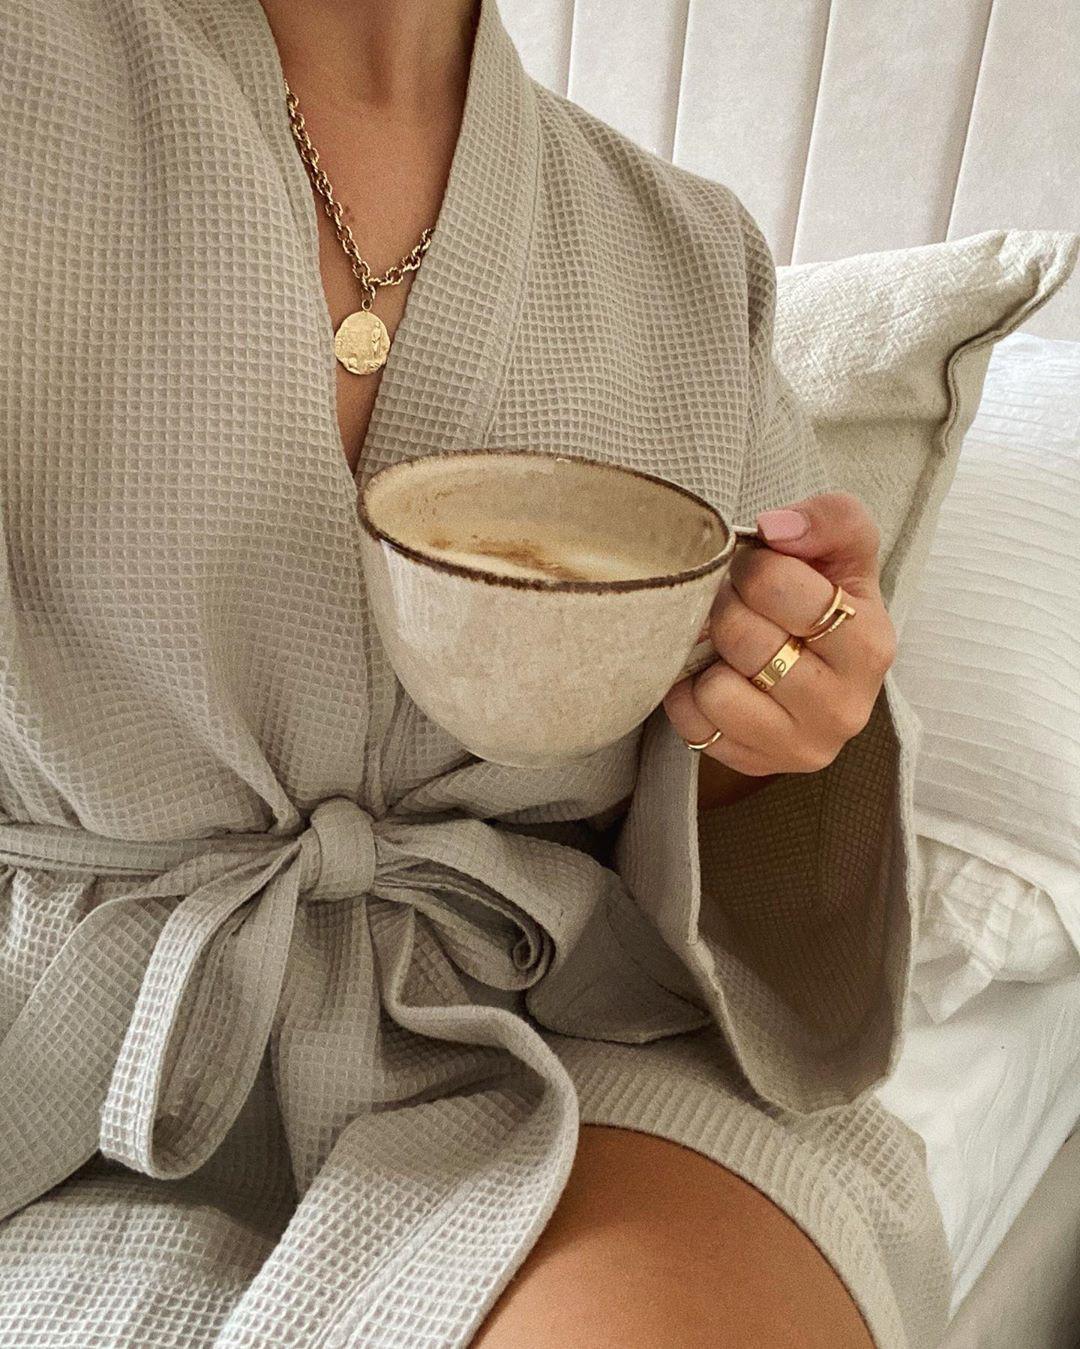 beige outfit ideas with nightwear, attire ideas, drinkware